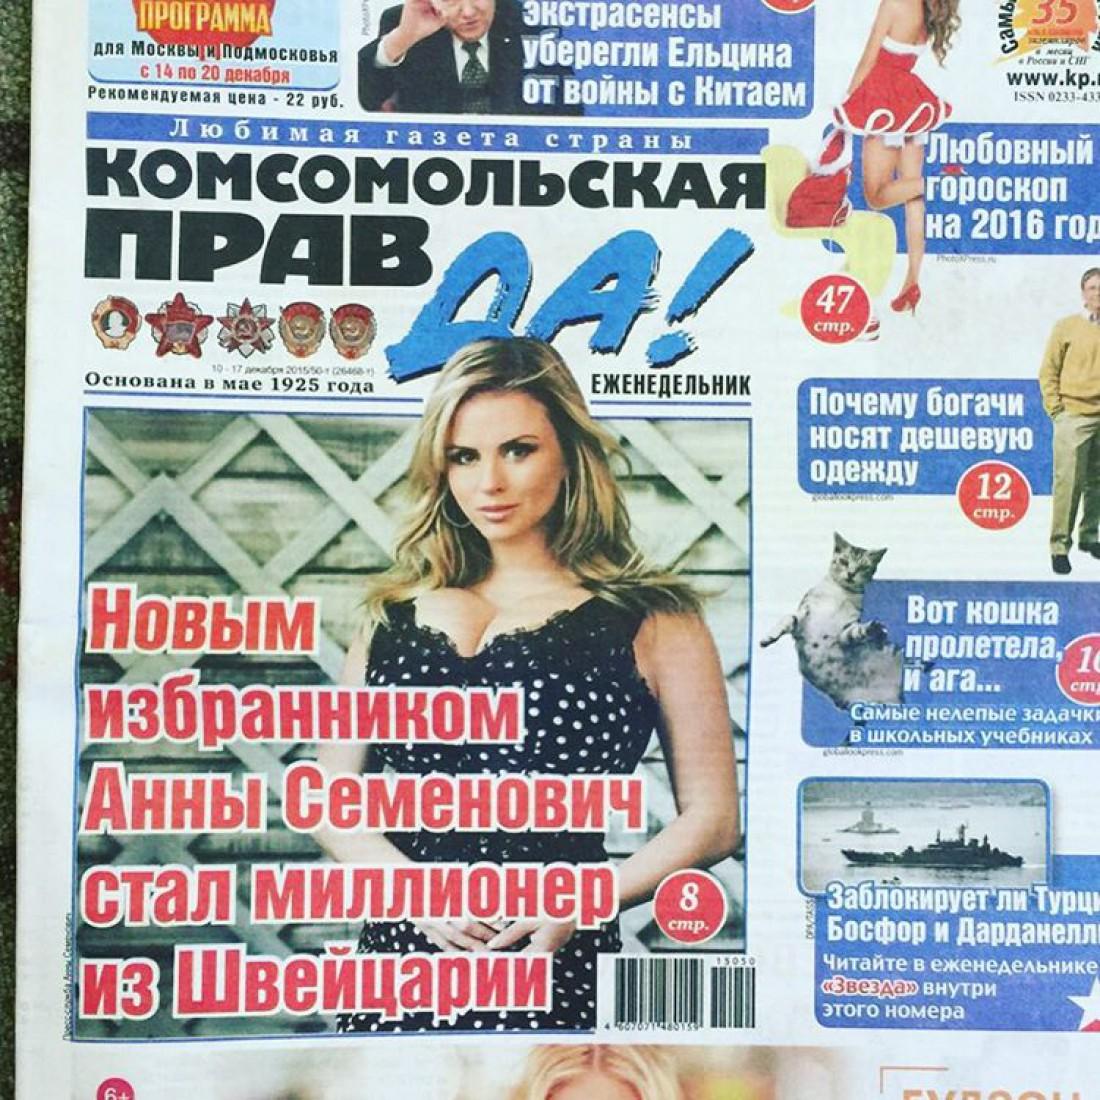 Фото, которое разместила Семенович в Сети